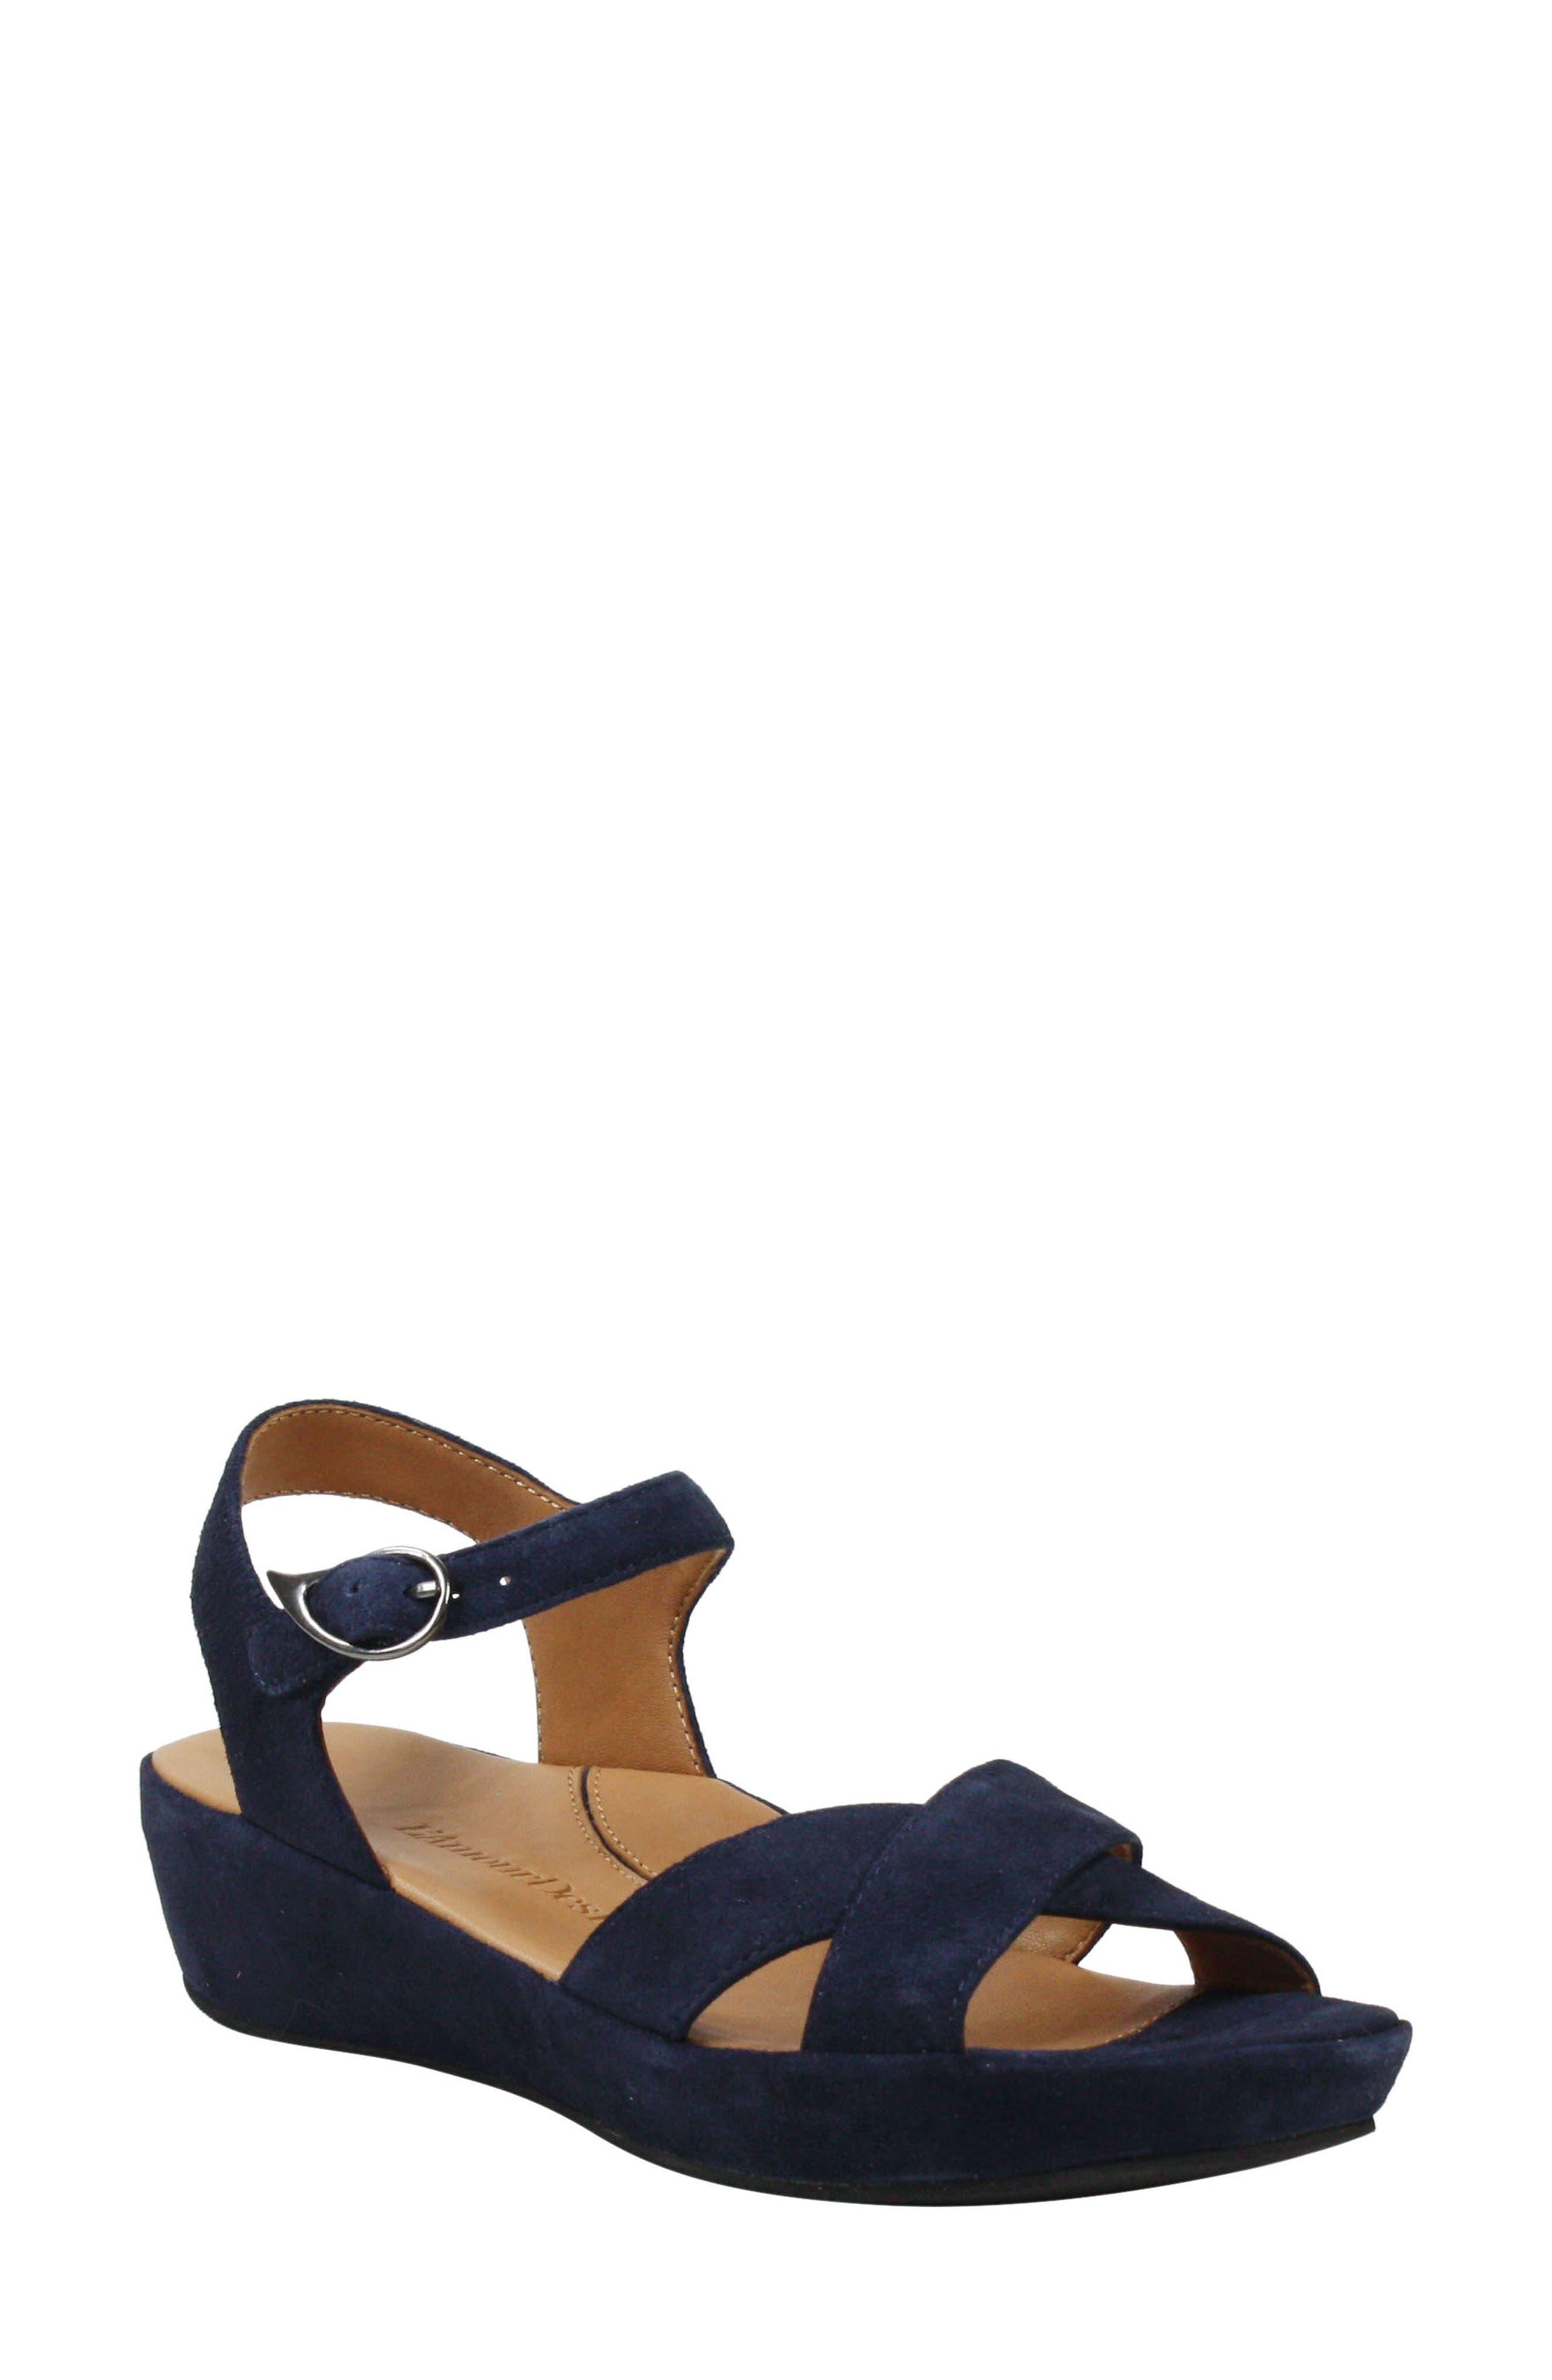 1940s Style Shoes, 40s Shoes Womens LAmour Des Pieds Casimiro Sandal Size 11 M - Blue $188.95 AT vintagedancer.com